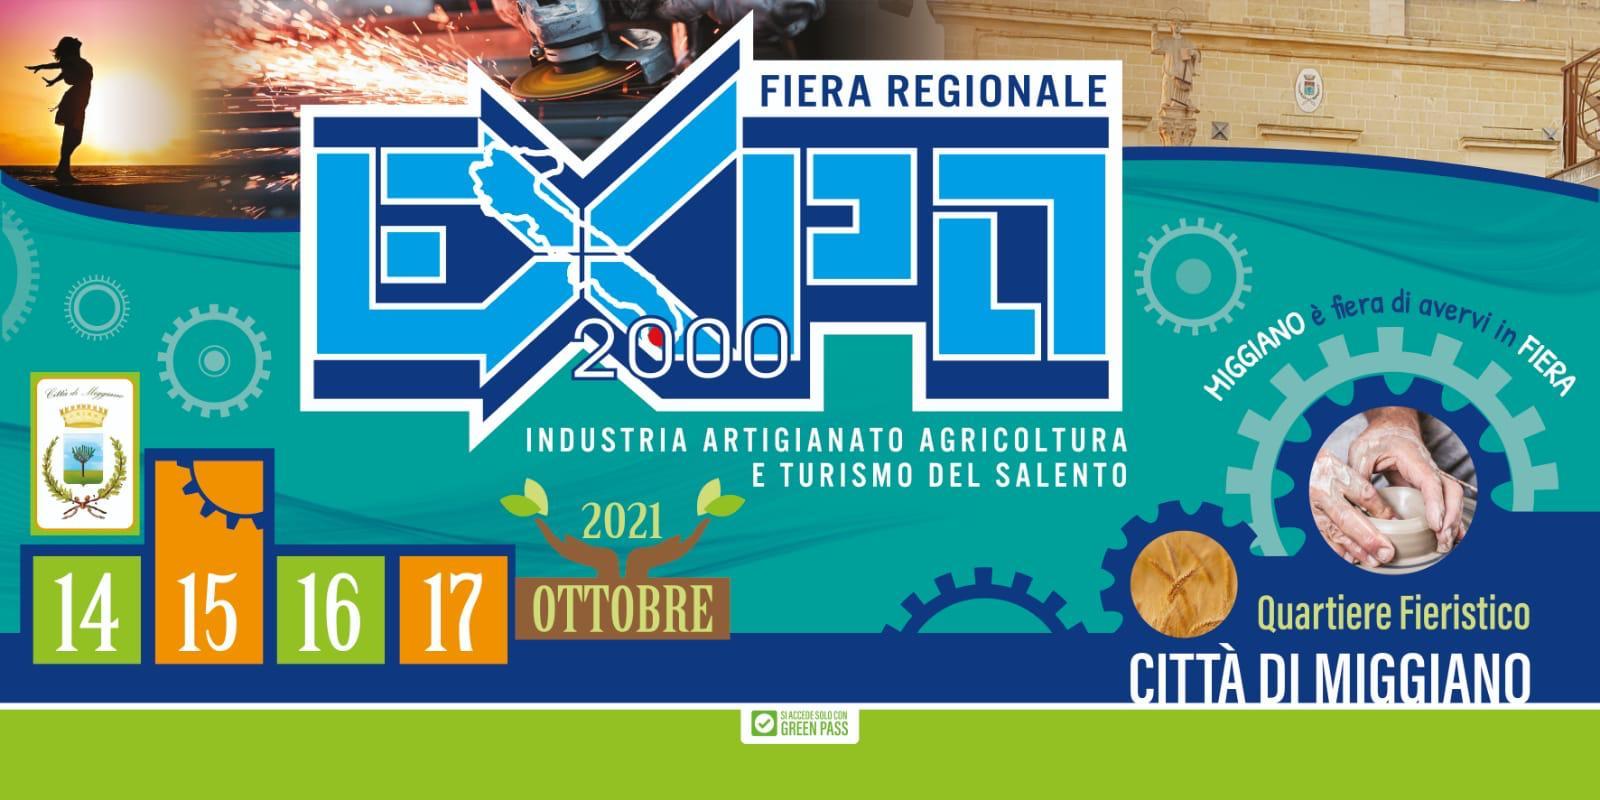 Expo 2000 fiera regionale Miggiano